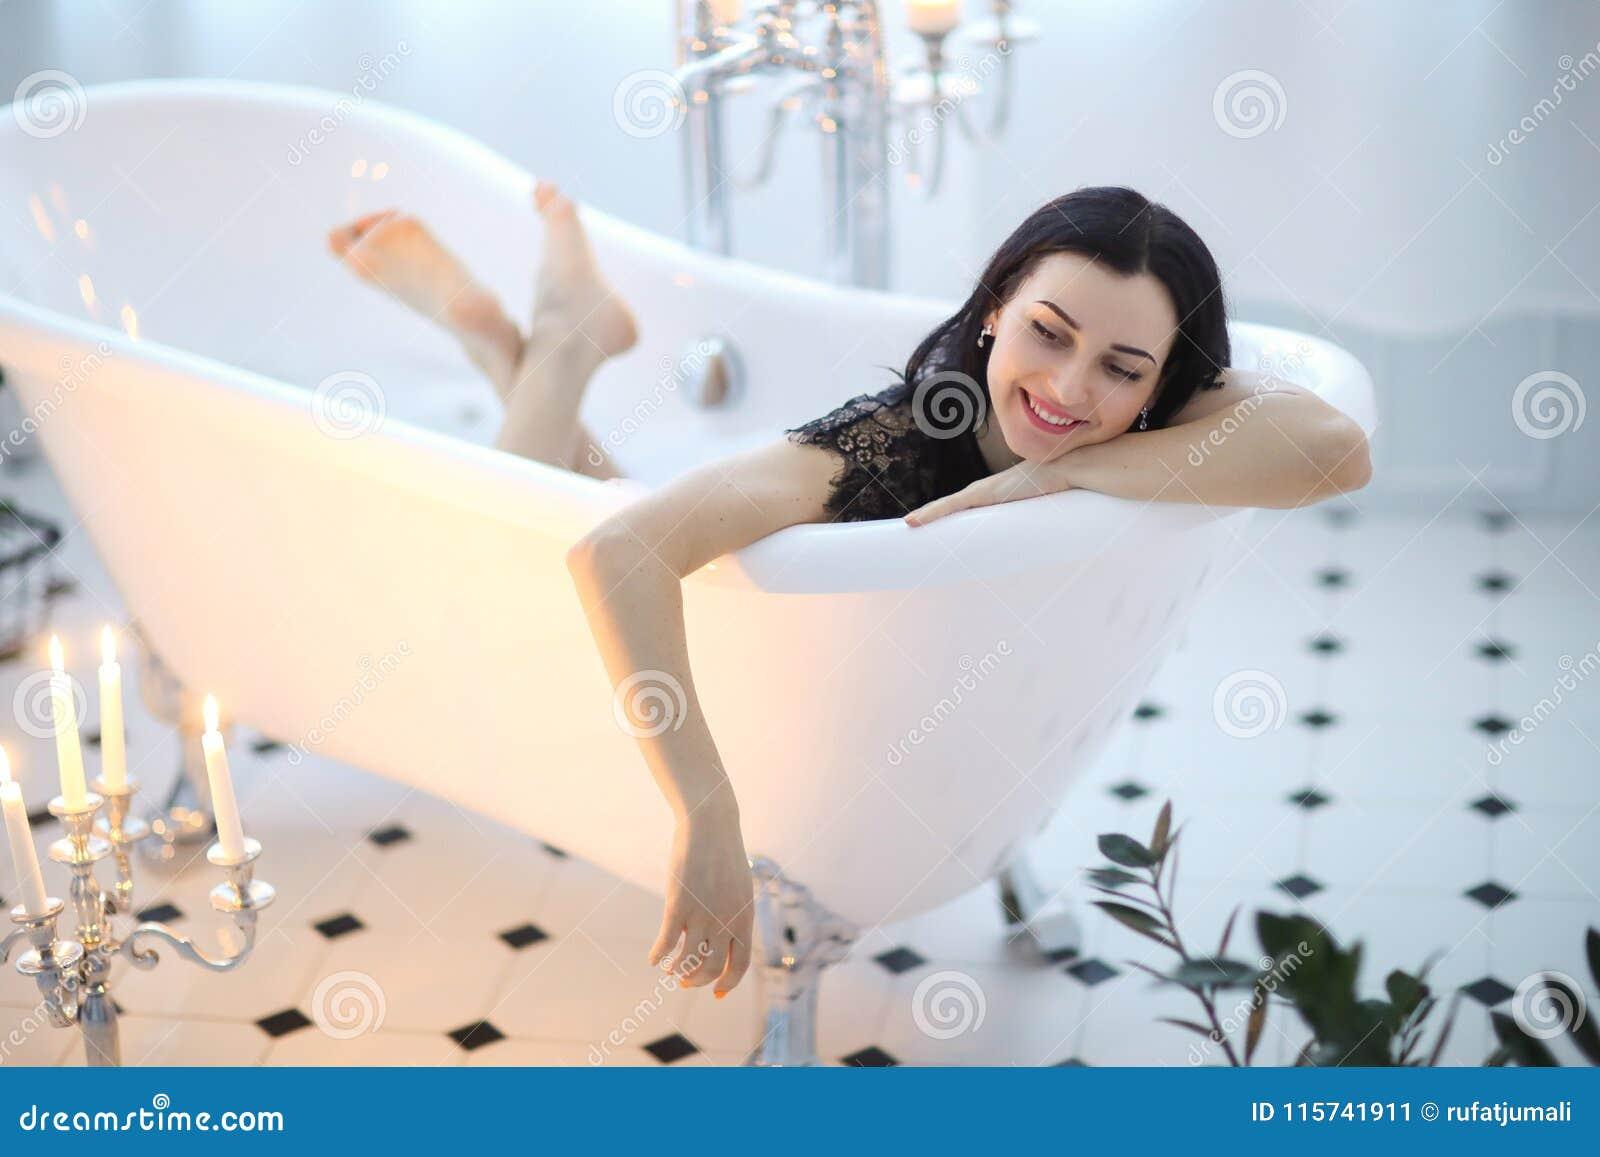 Горловых женщина в платье принимает ванну видео